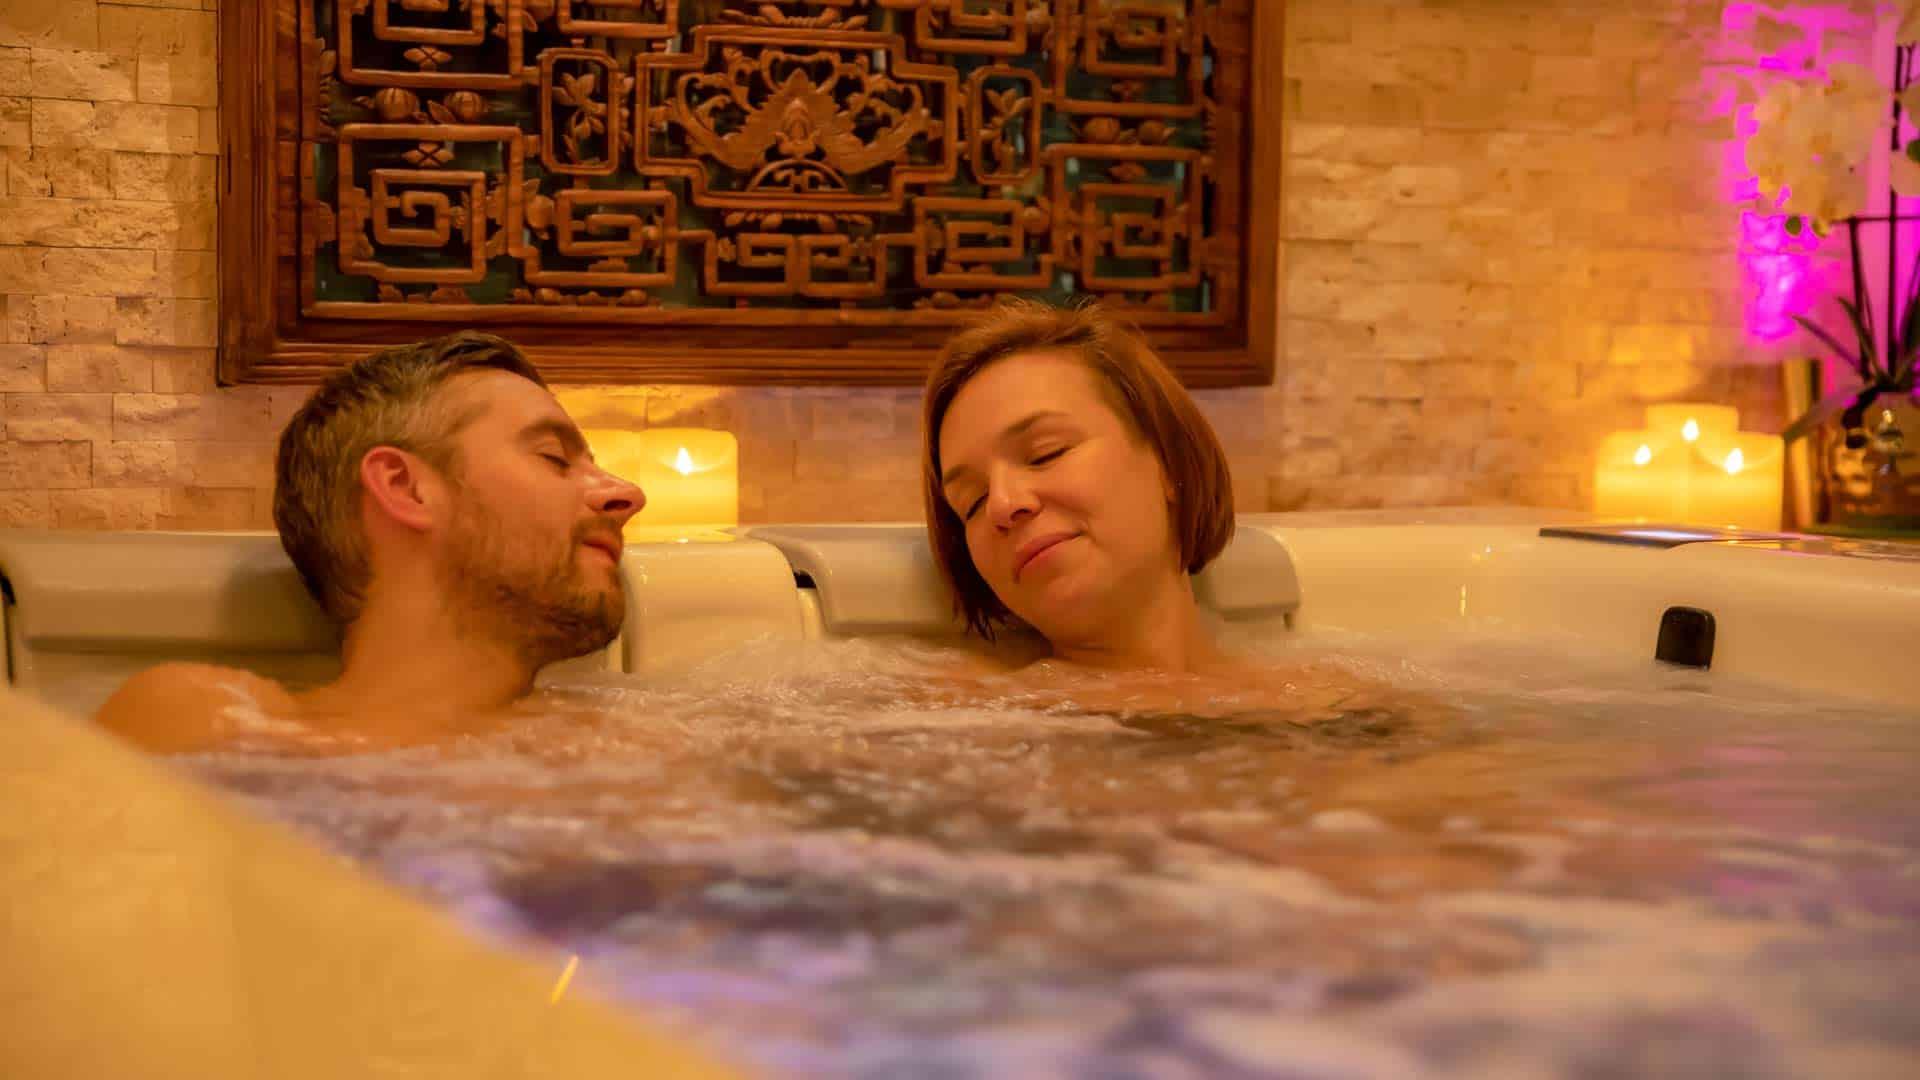 Day Spa Whirlpool mit zwei Personen